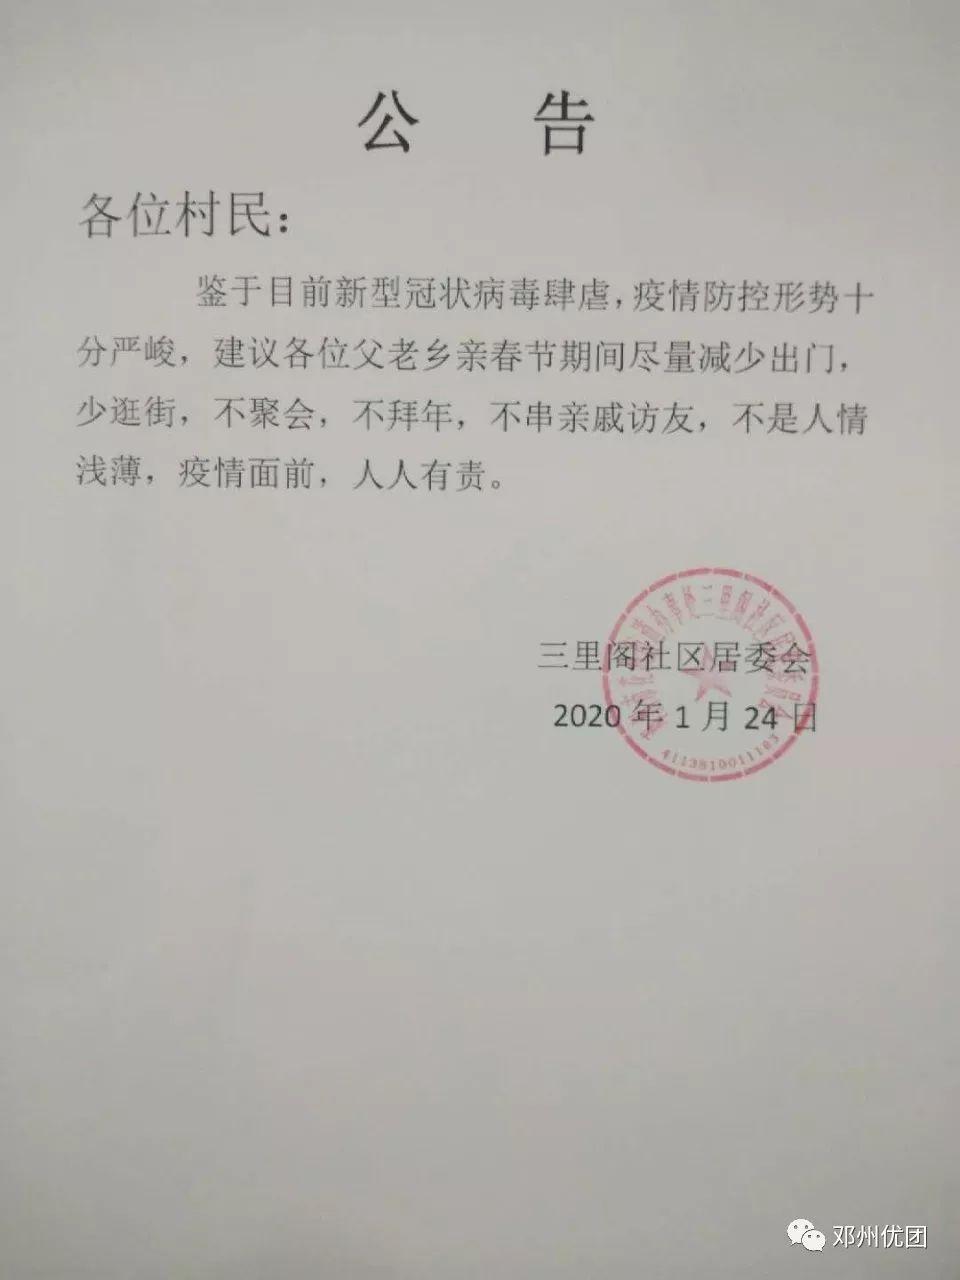 邓州抗击疫情:娱乐场所关闭,万德隆不戴口罩禁止入内